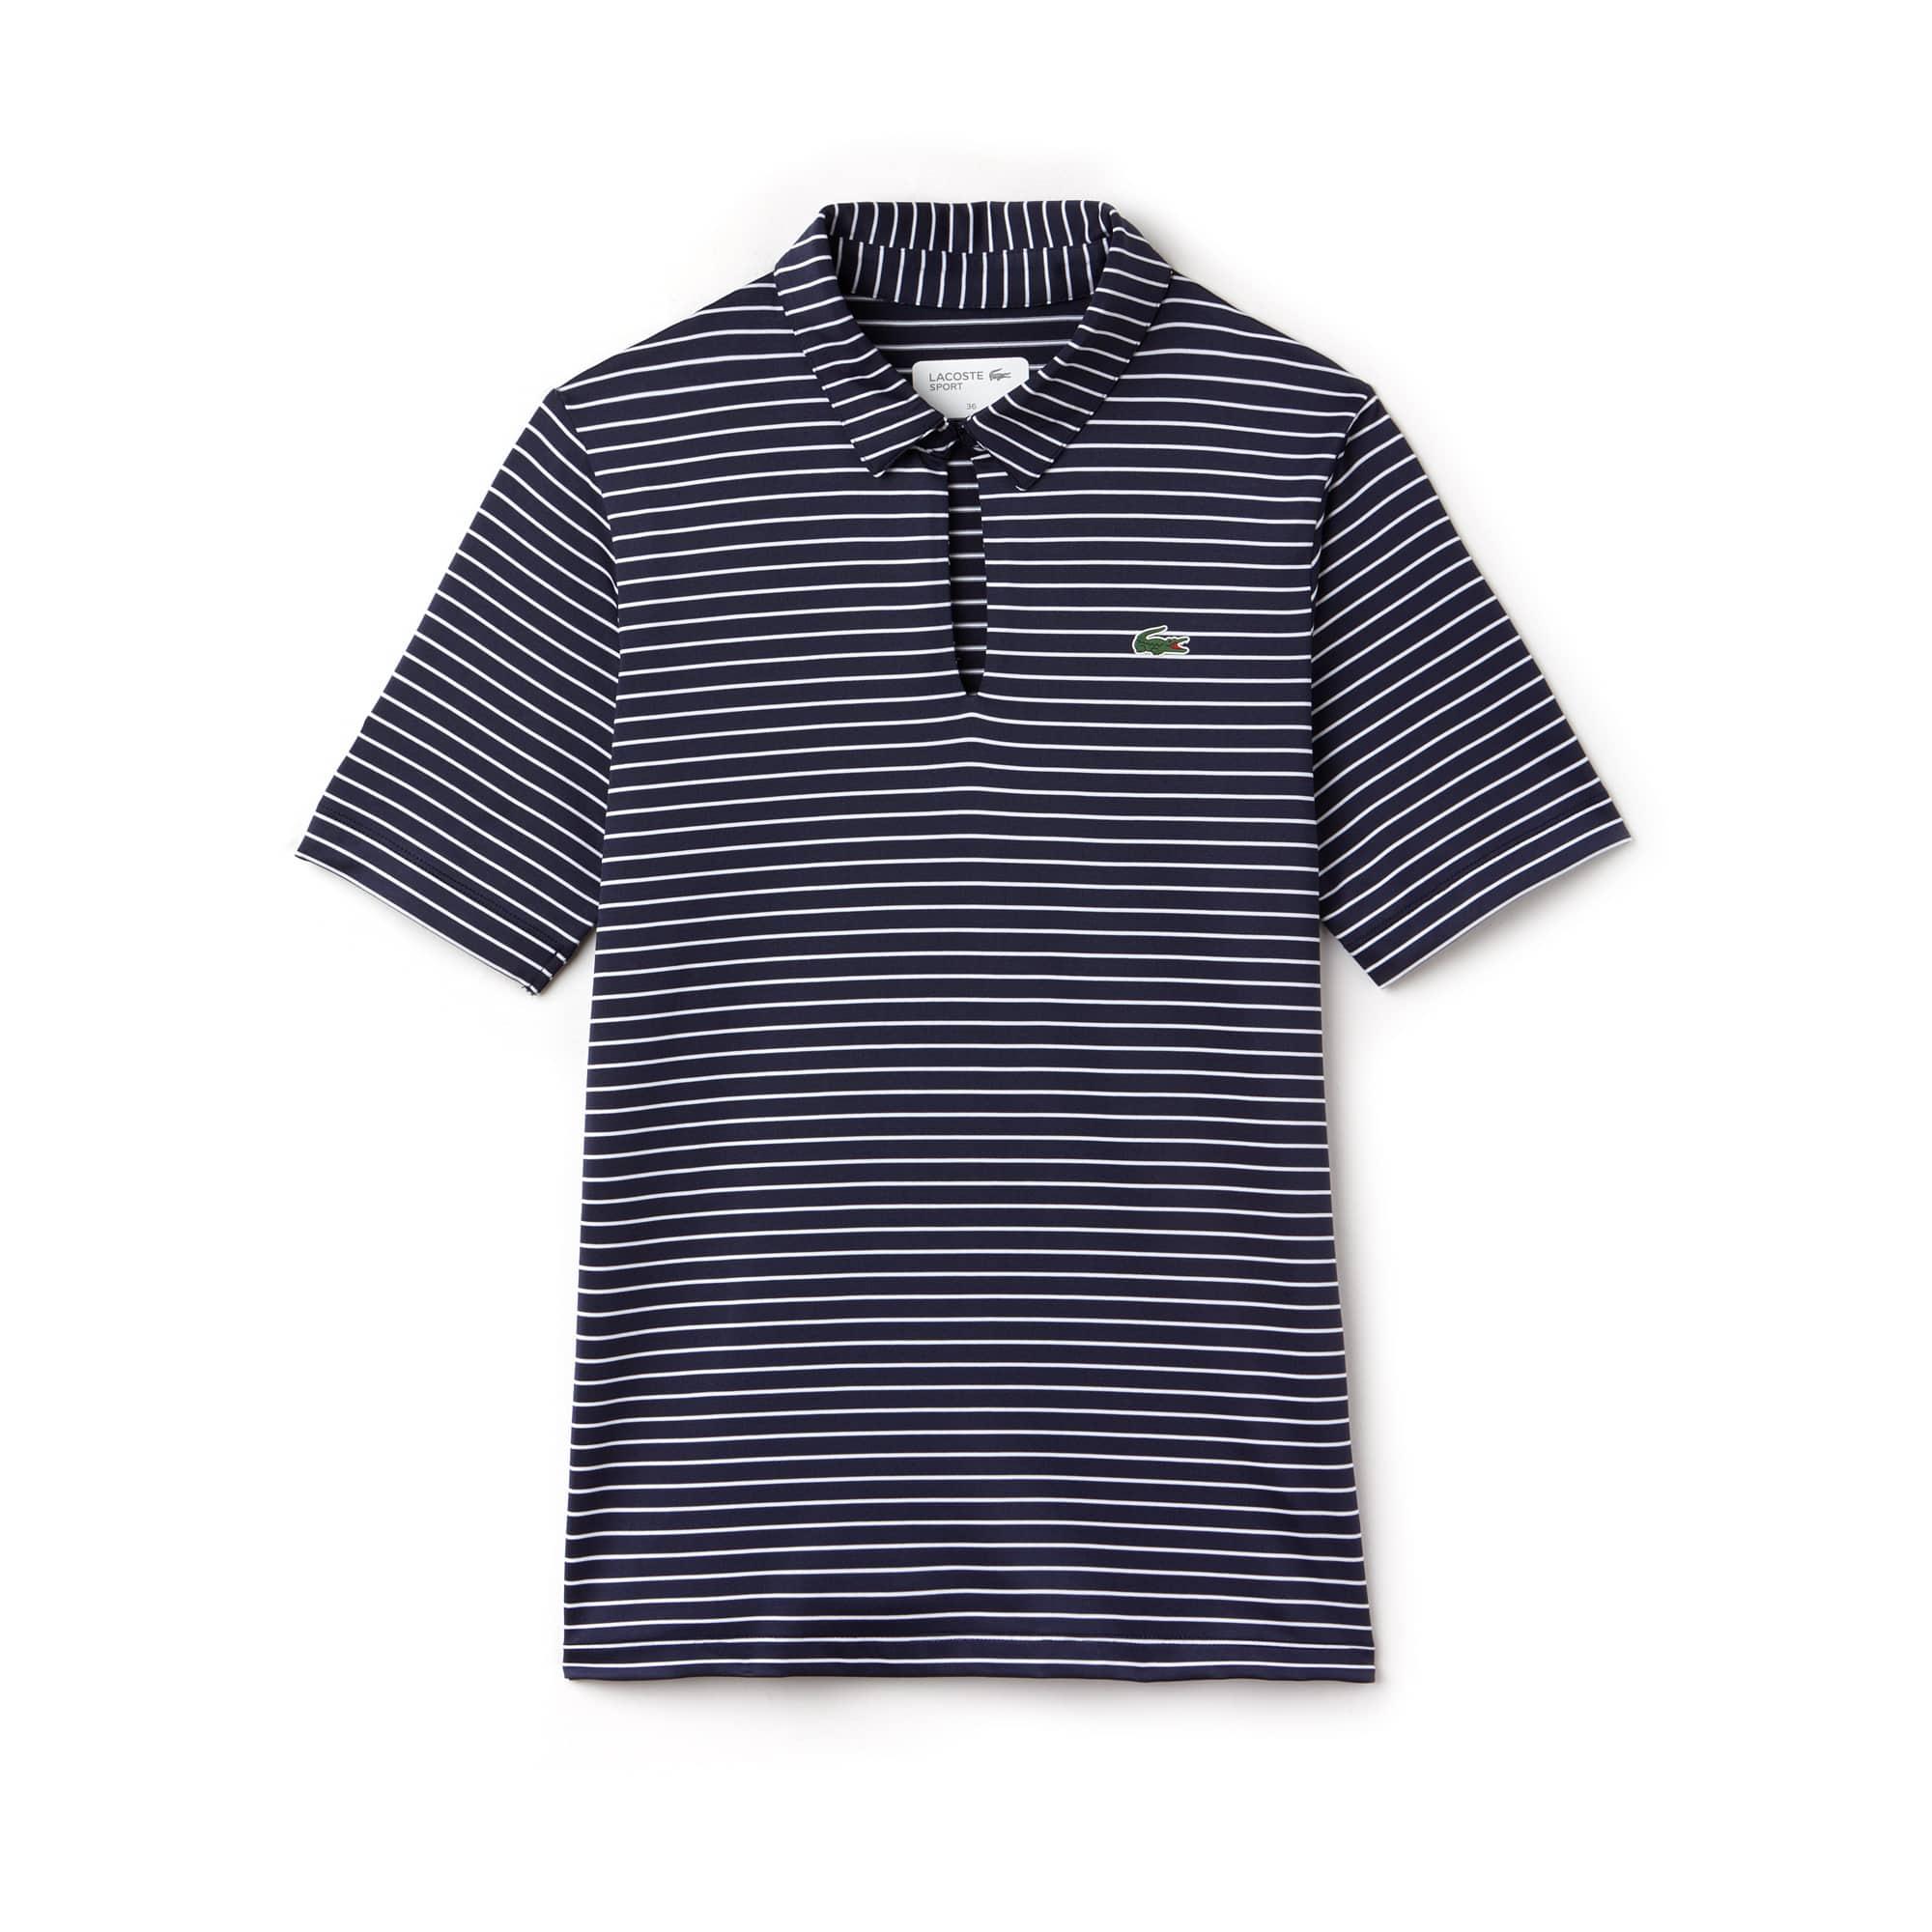 Damen LACOSTE SPORT Ryder Cup Edition gestreiftes Golf Poloshirt